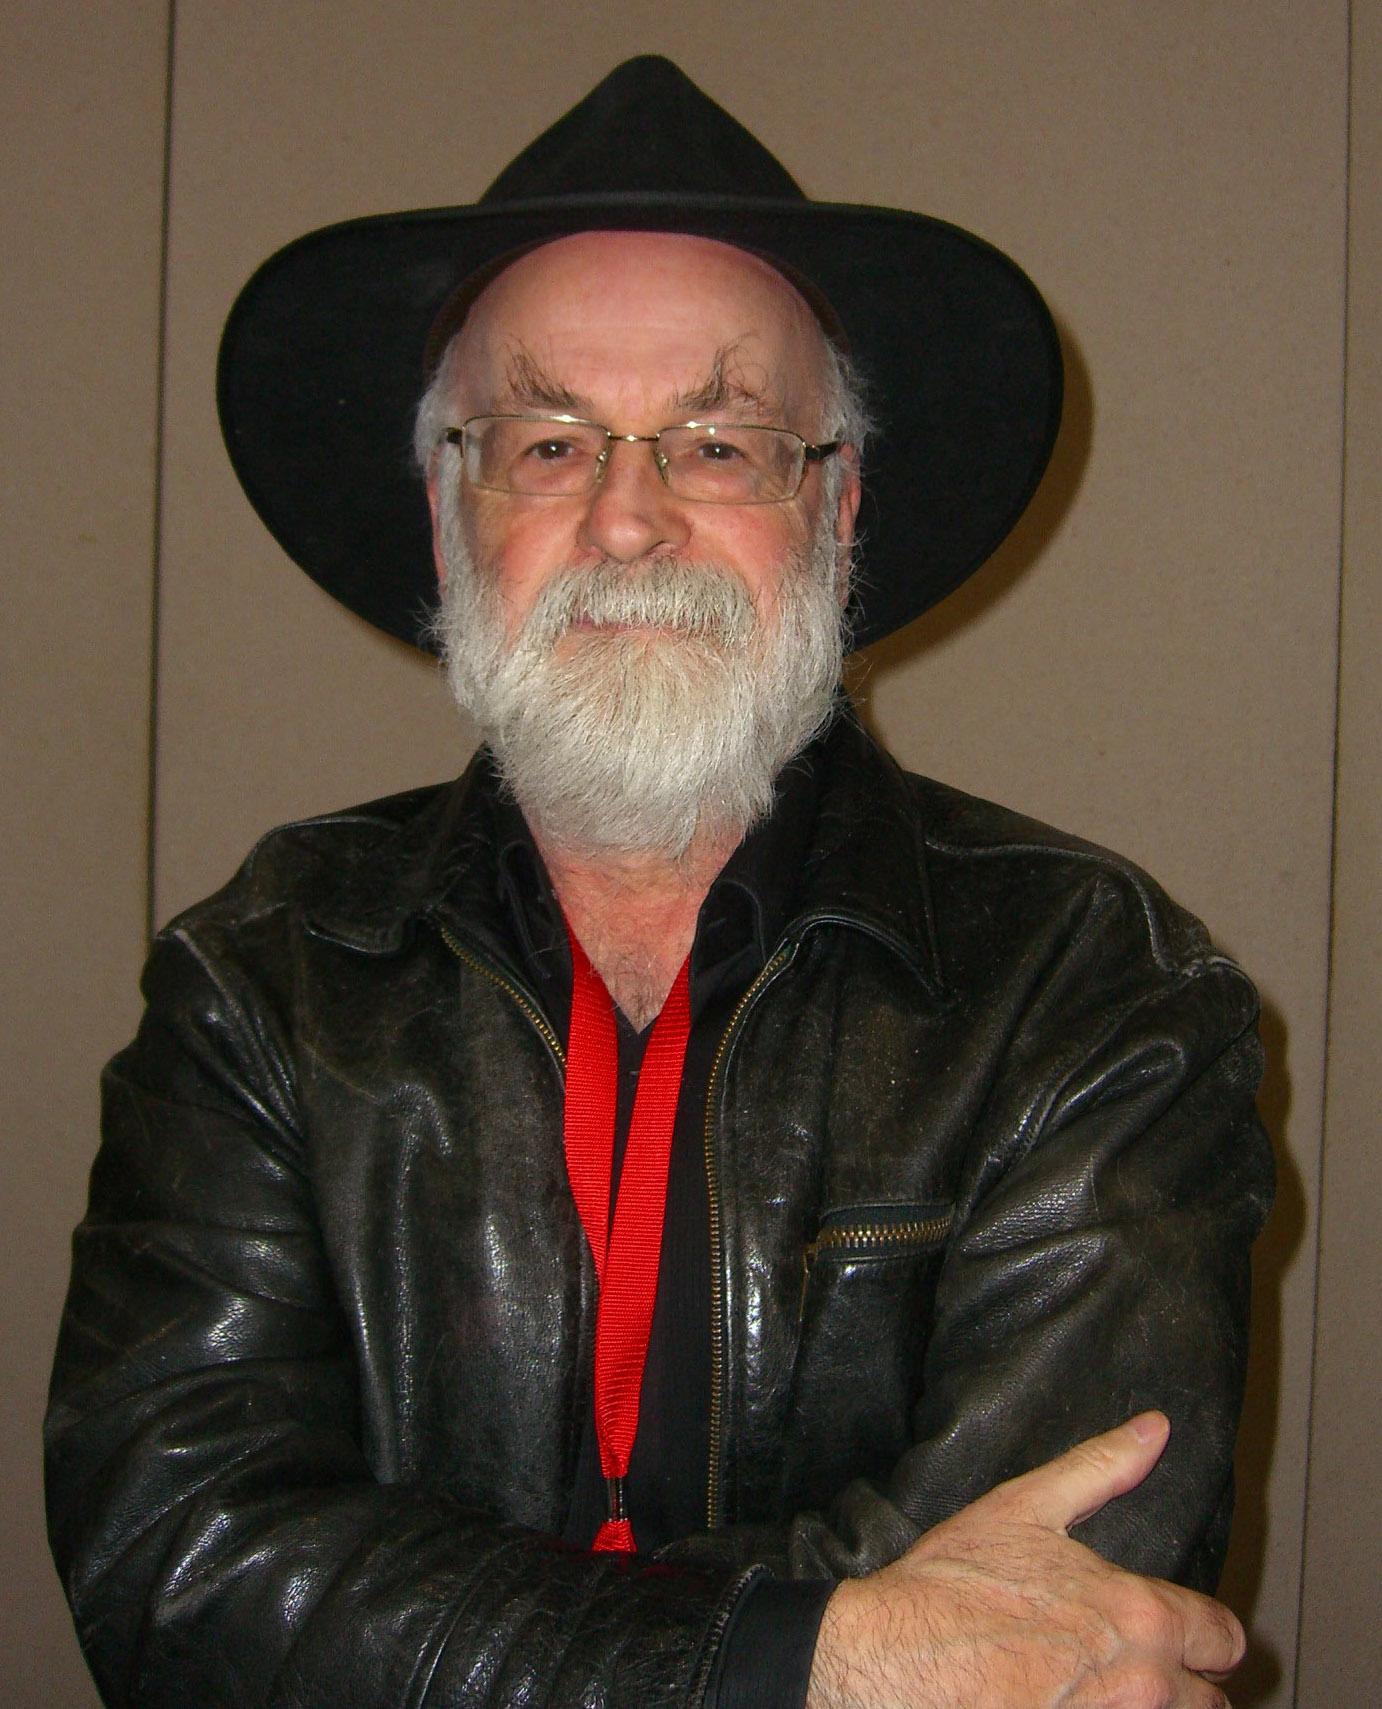 Gestern verstarb der Fantasy-Autor Terry Pratchett im Alter von 66 Jahren an den Folgen seiner Alzheimer-Erkrankung. Zum Gedenken, zur Reflexion und zur Verbreitung seiner Werke schreibe ich hier einen persönlich-subjektiven Nachruf.